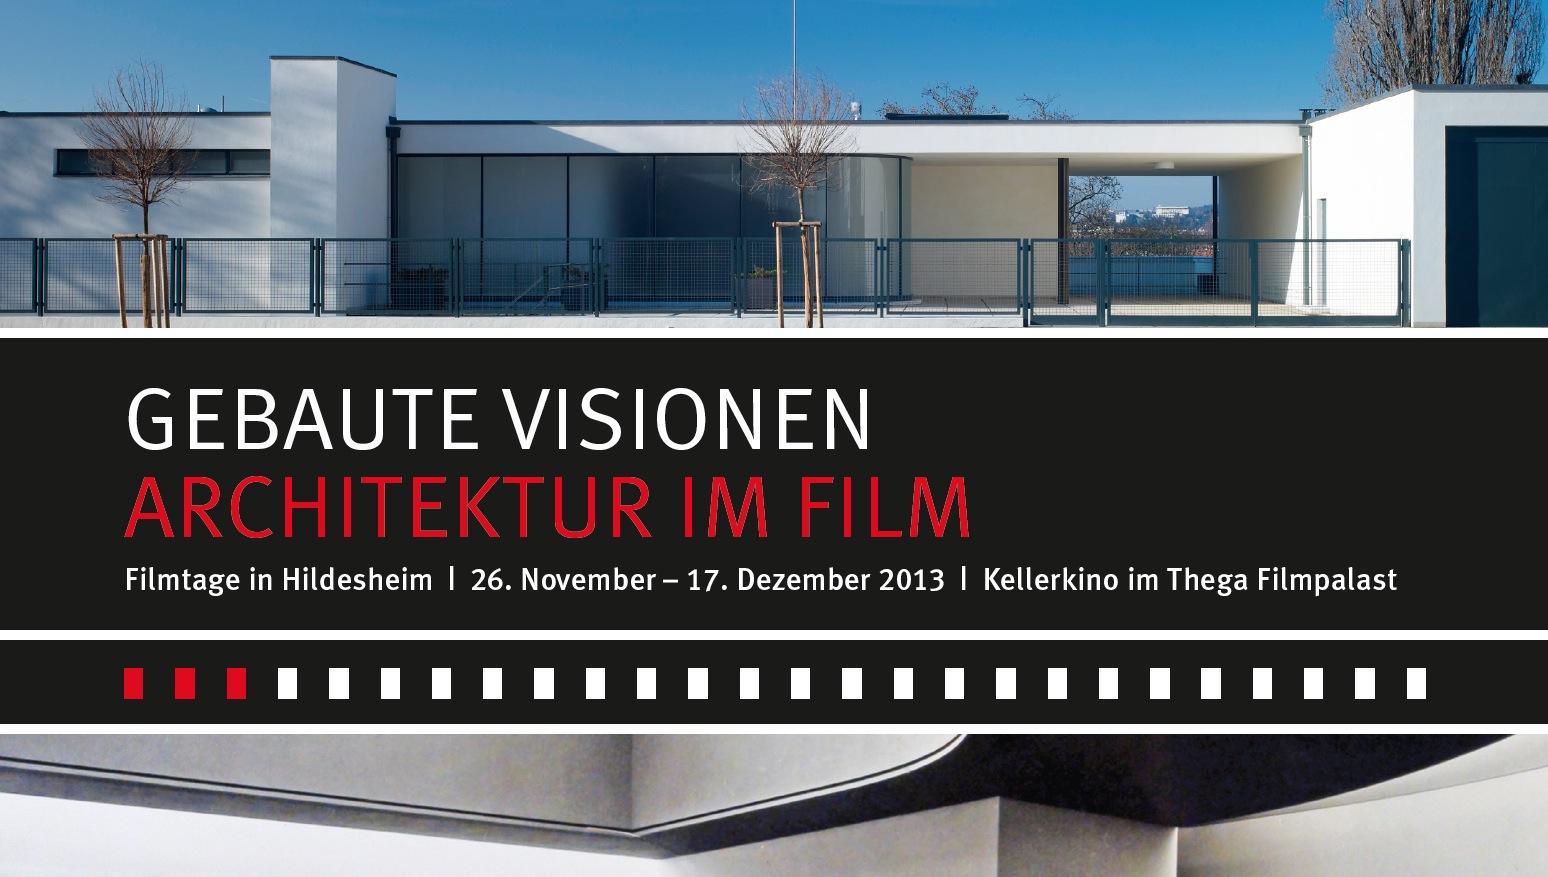 Architekten Hildesheim architektur im die filmtage hildesheim architekturvideo de